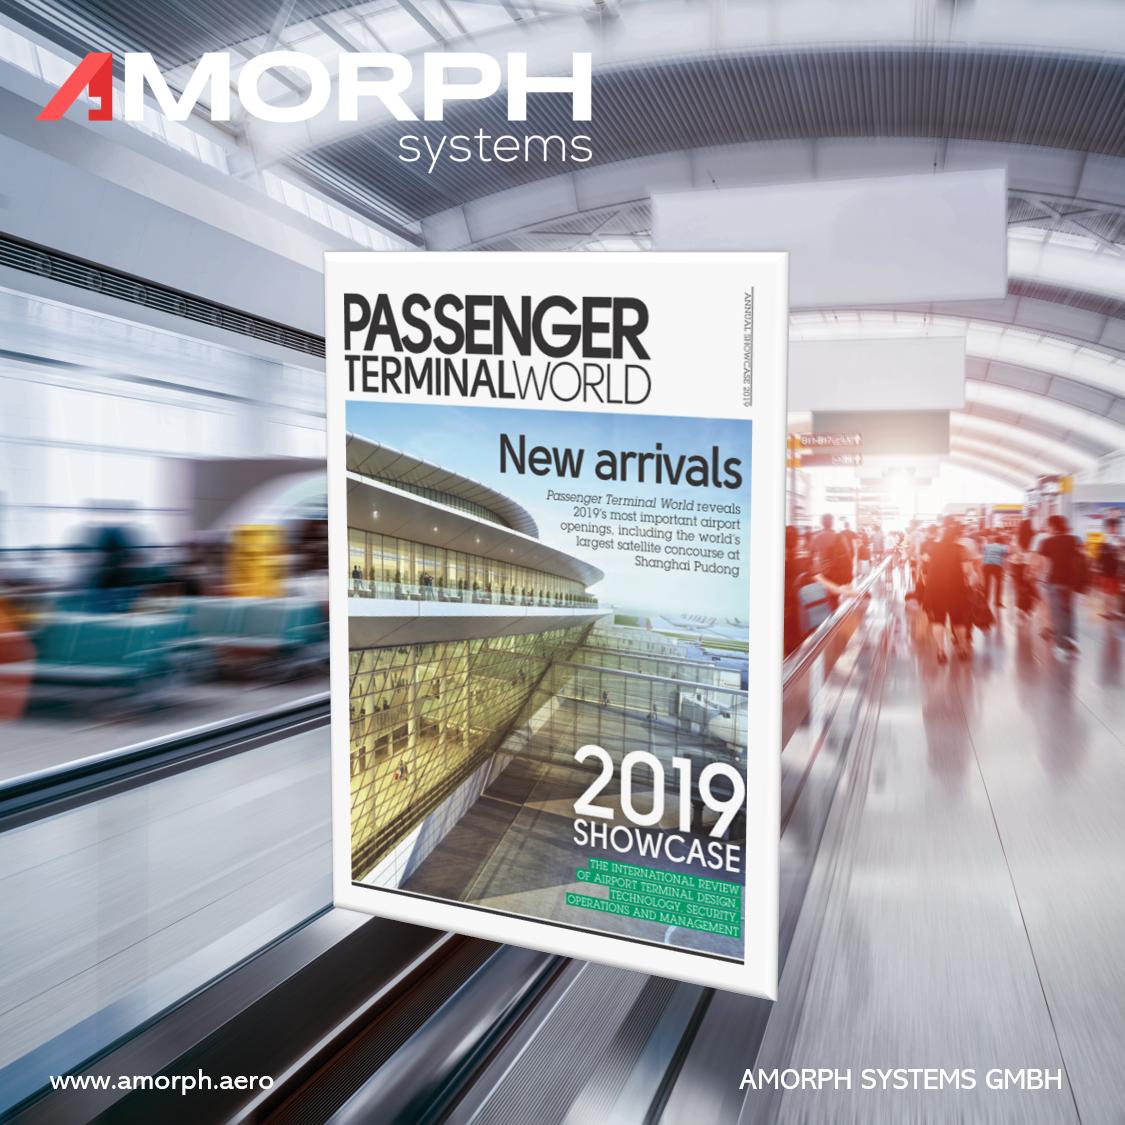 Passenger Terminal World Annual Showcase 2019